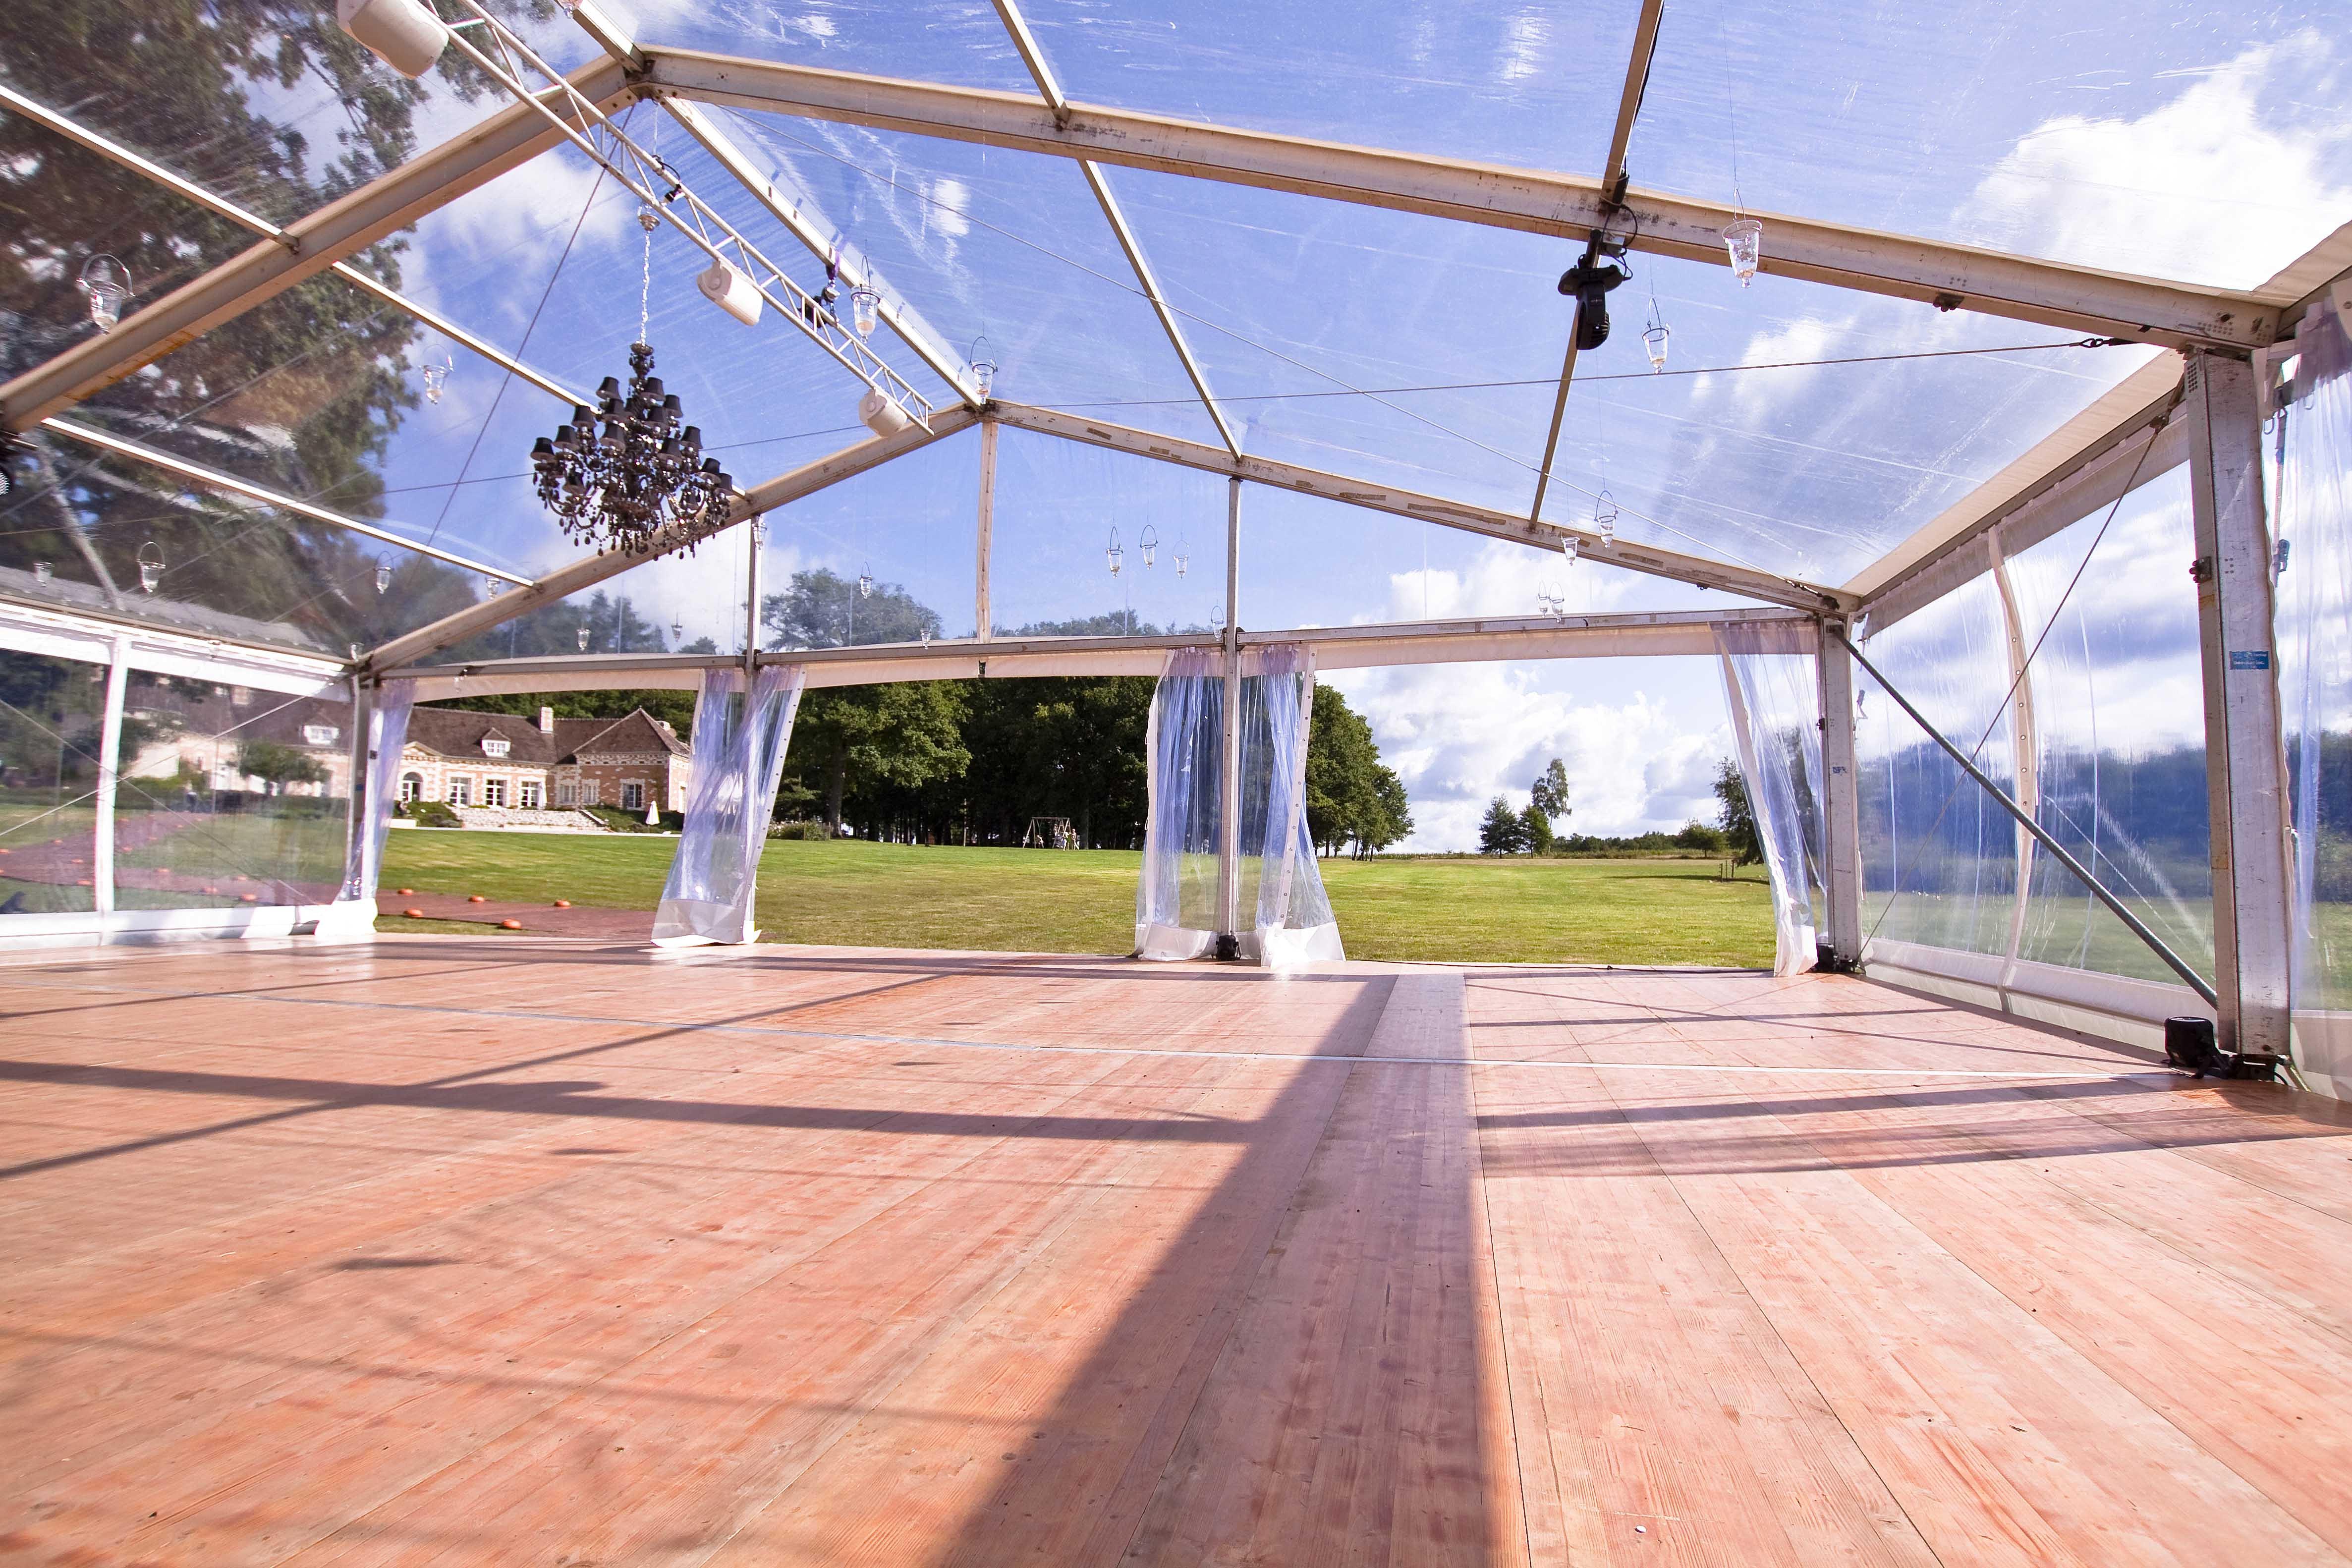 location tente structure de 15m x 25m cristal - Prix Location Tente Mariage 250 Personnes